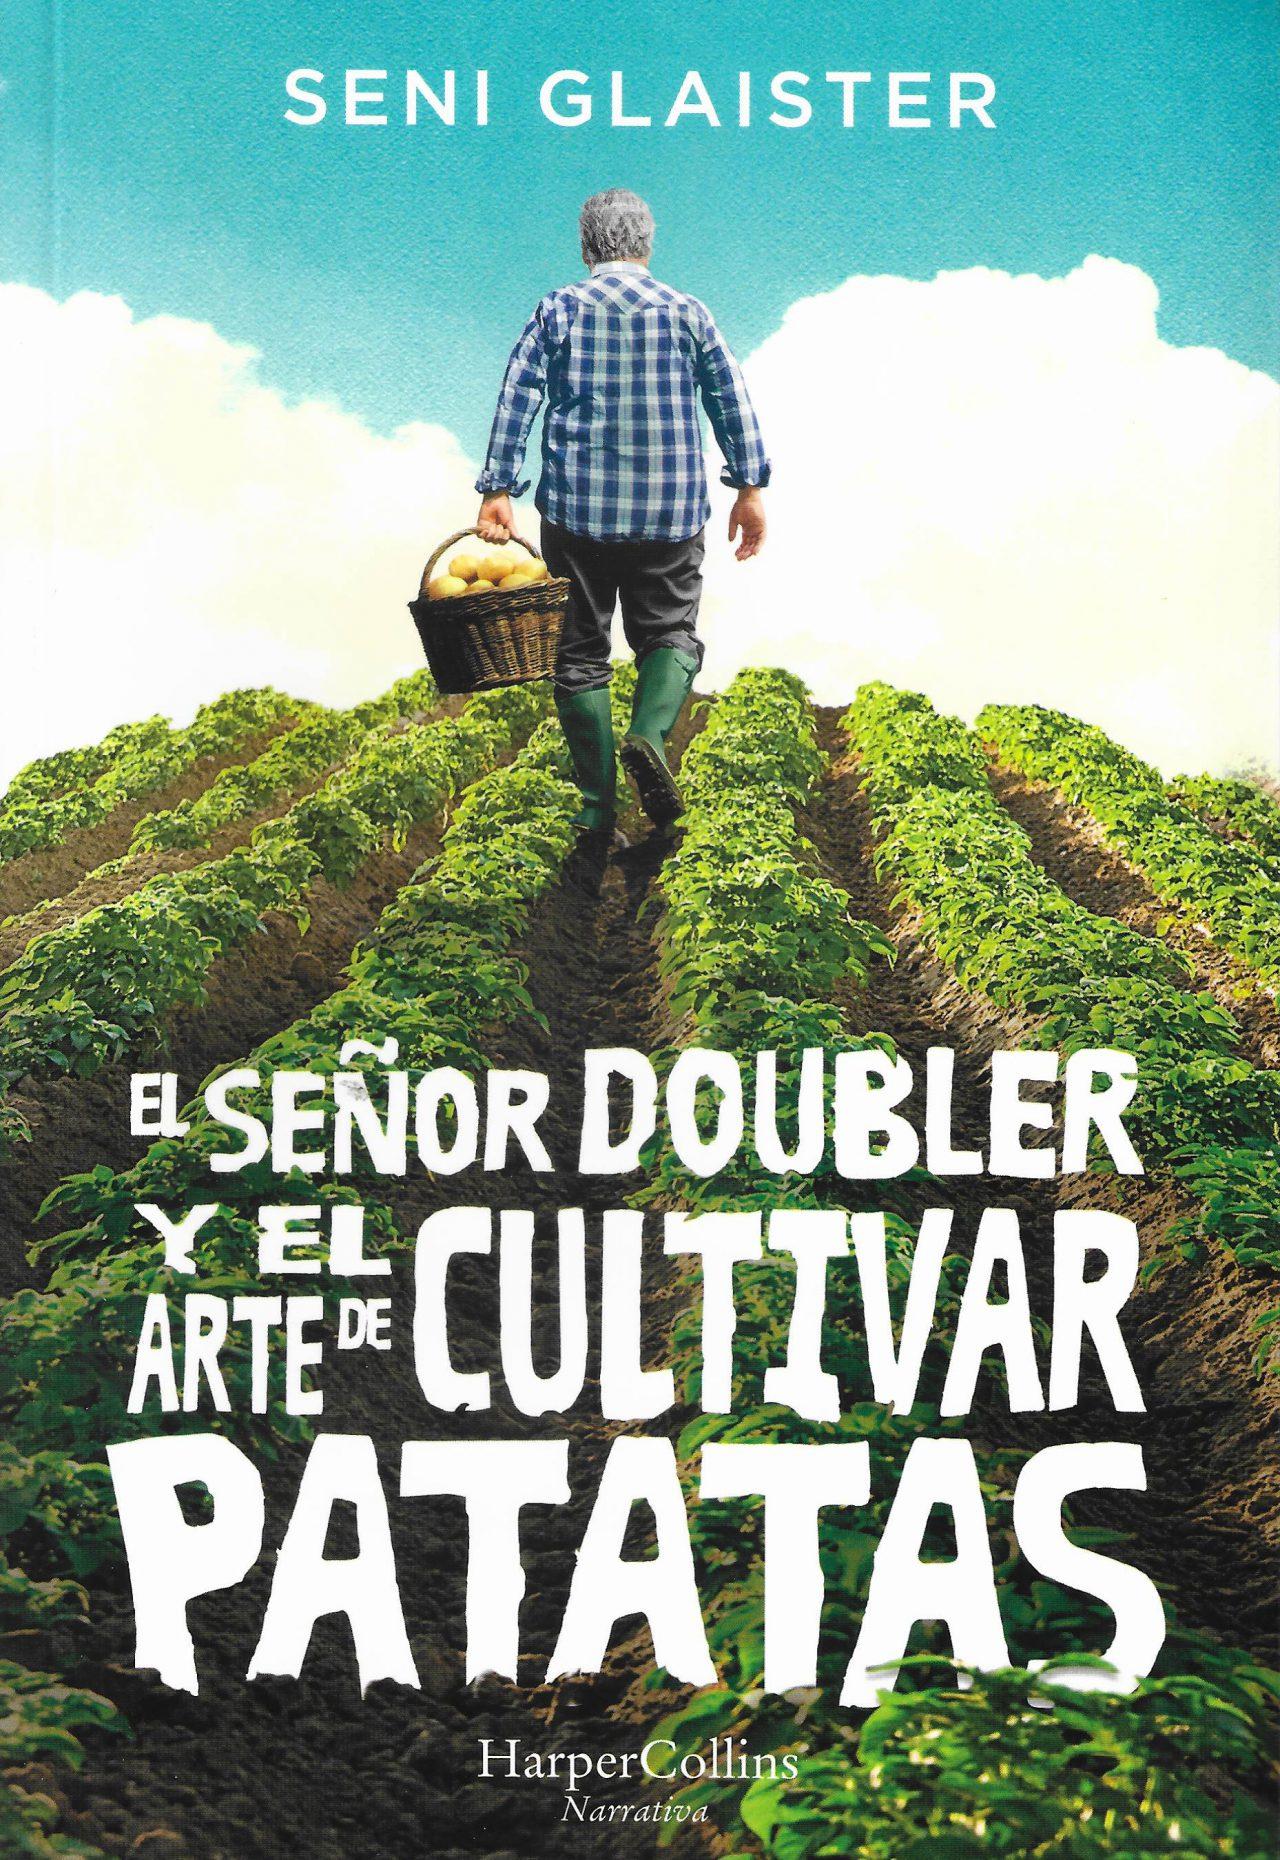 Sopa de letras portada Cultivar patatas